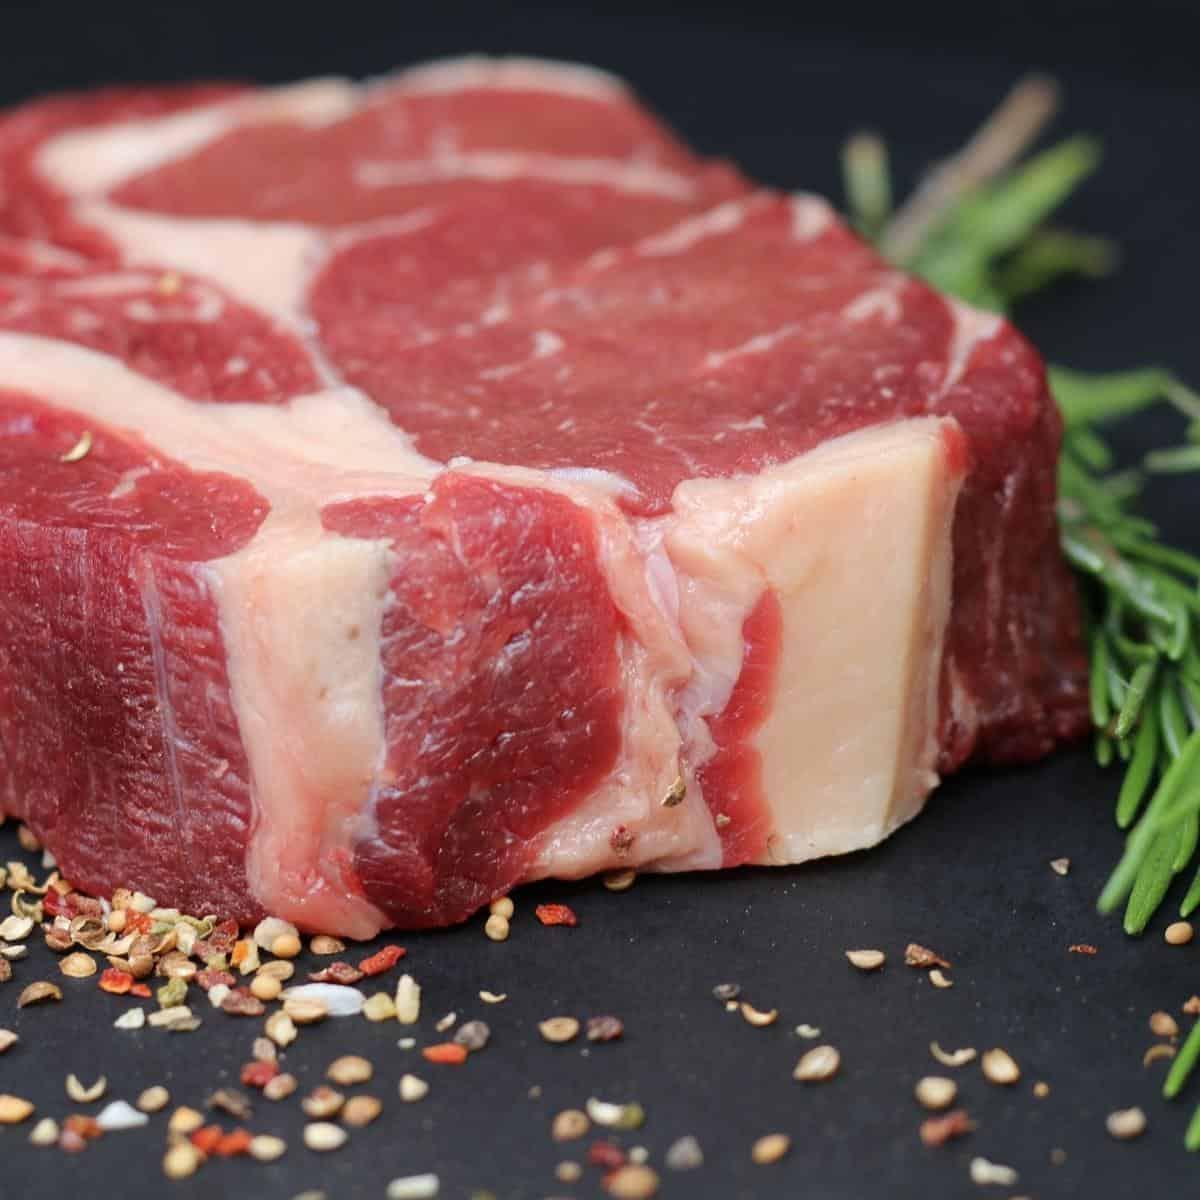 Steak seasoned on the table